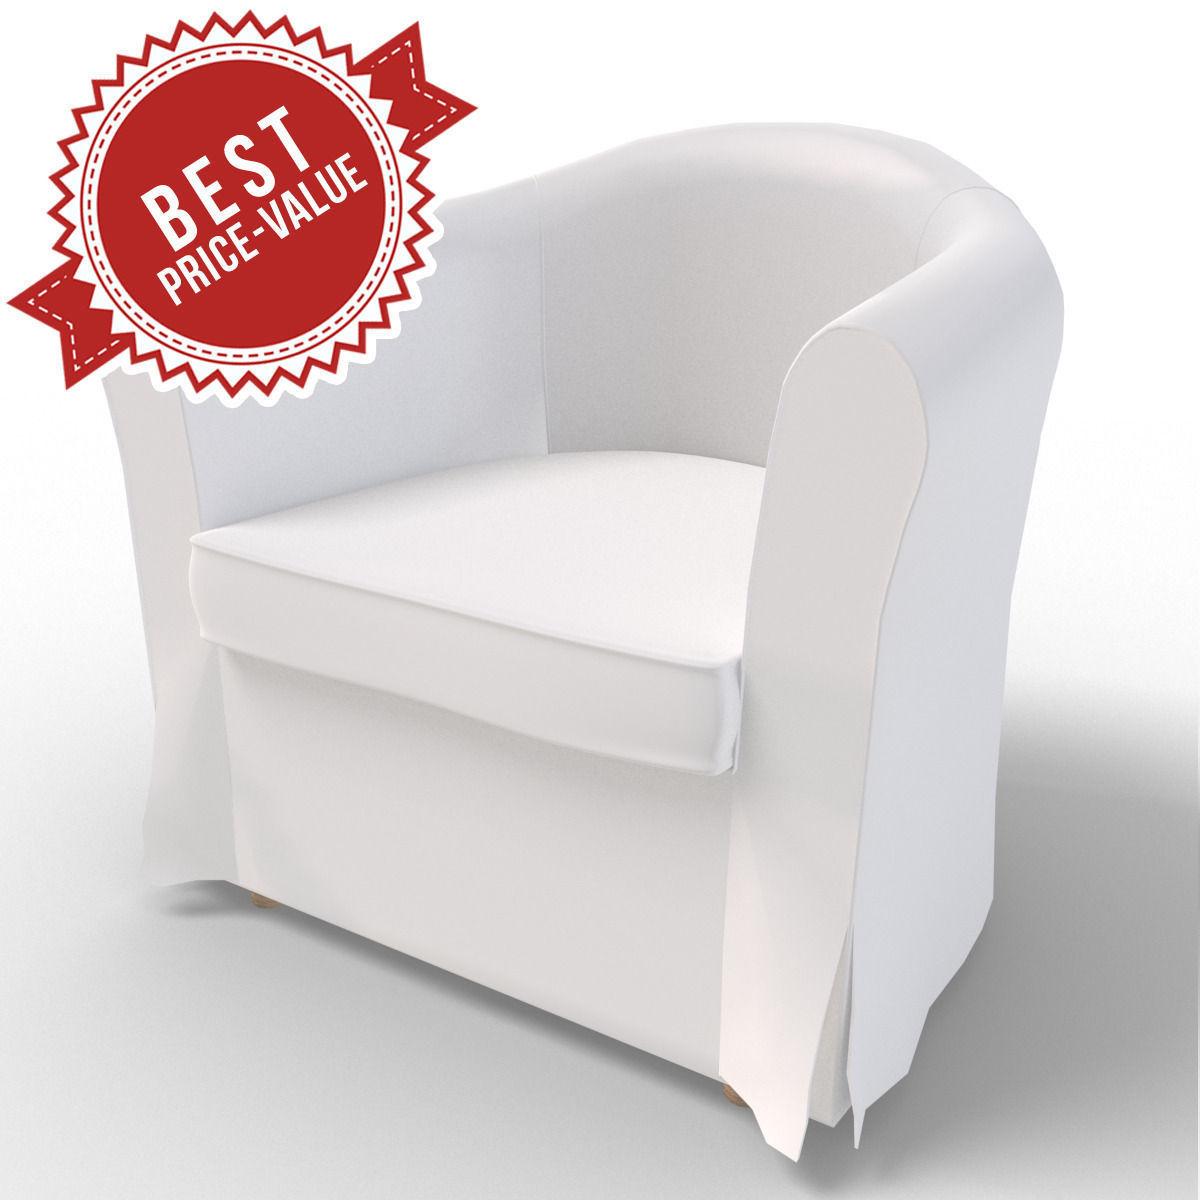 Super chair